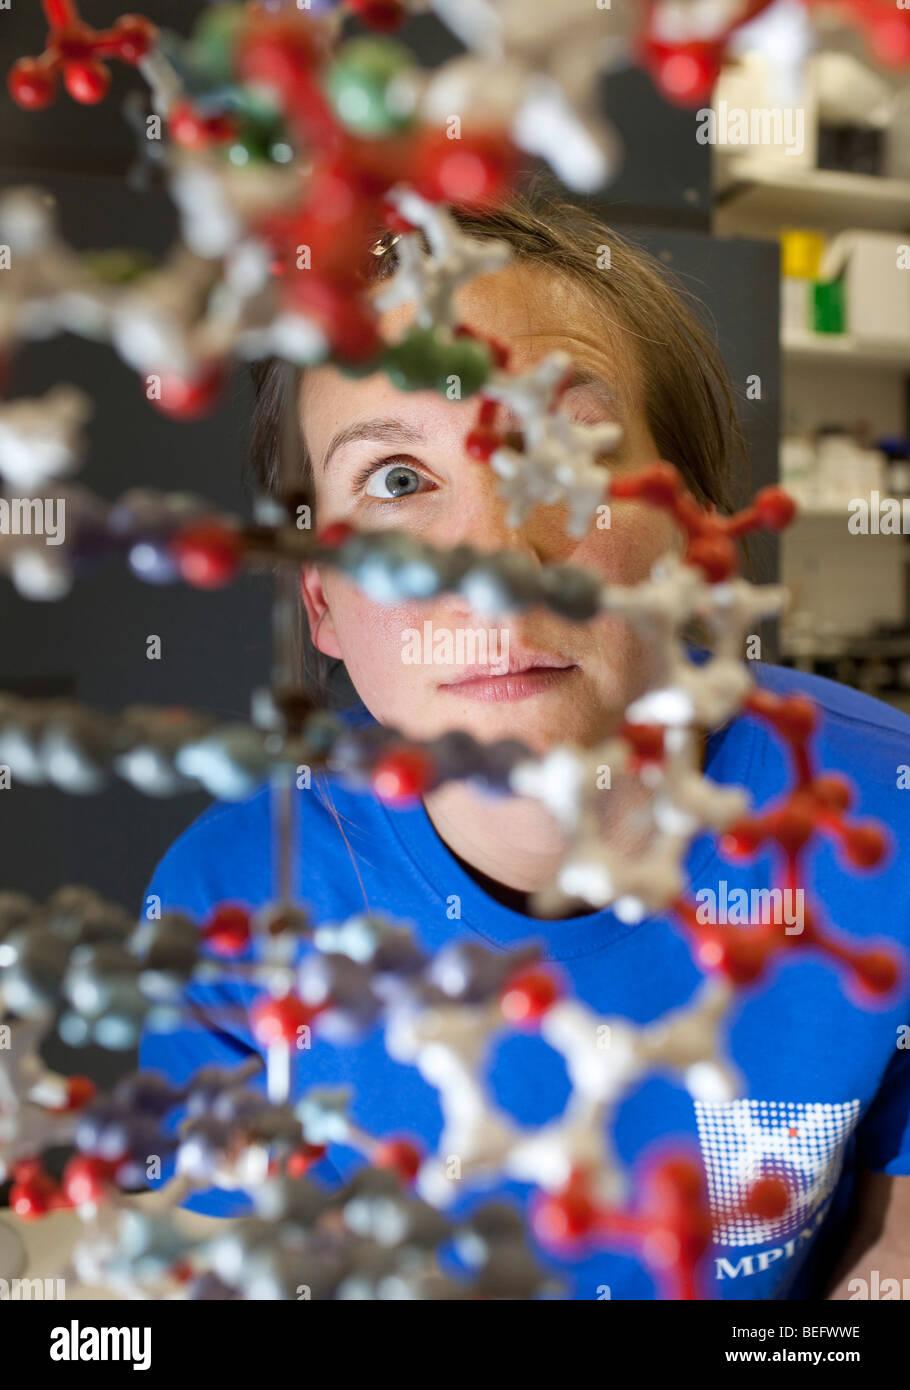 Studente seduto dietro un modello di DNA in corrispondenza del Max-Planck-Institue a Berlino Immagini Stock